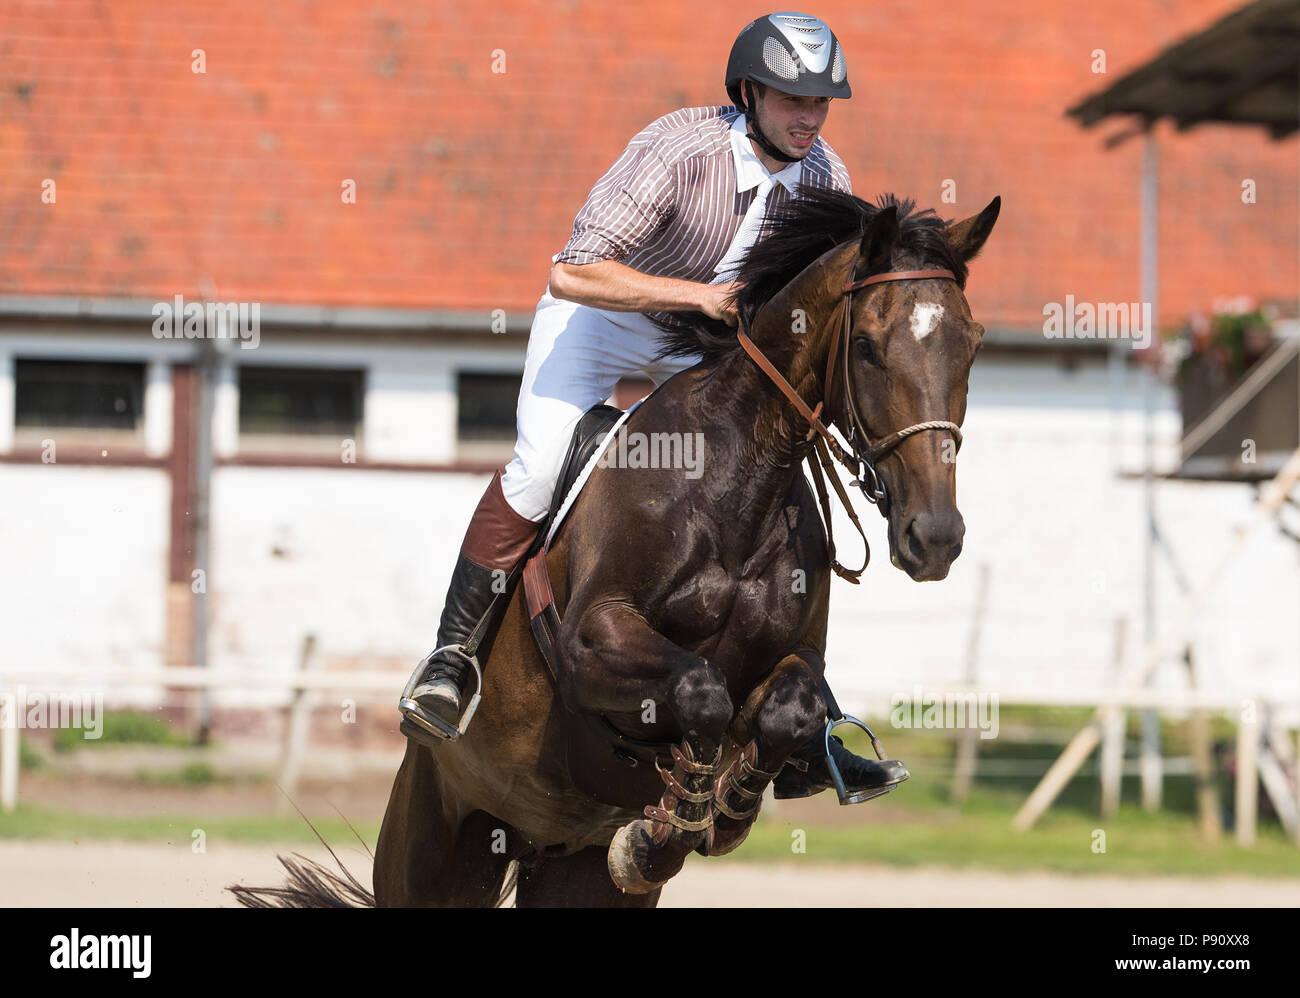 Junger Erwachsener Mann auf einem Pferd Stockbild